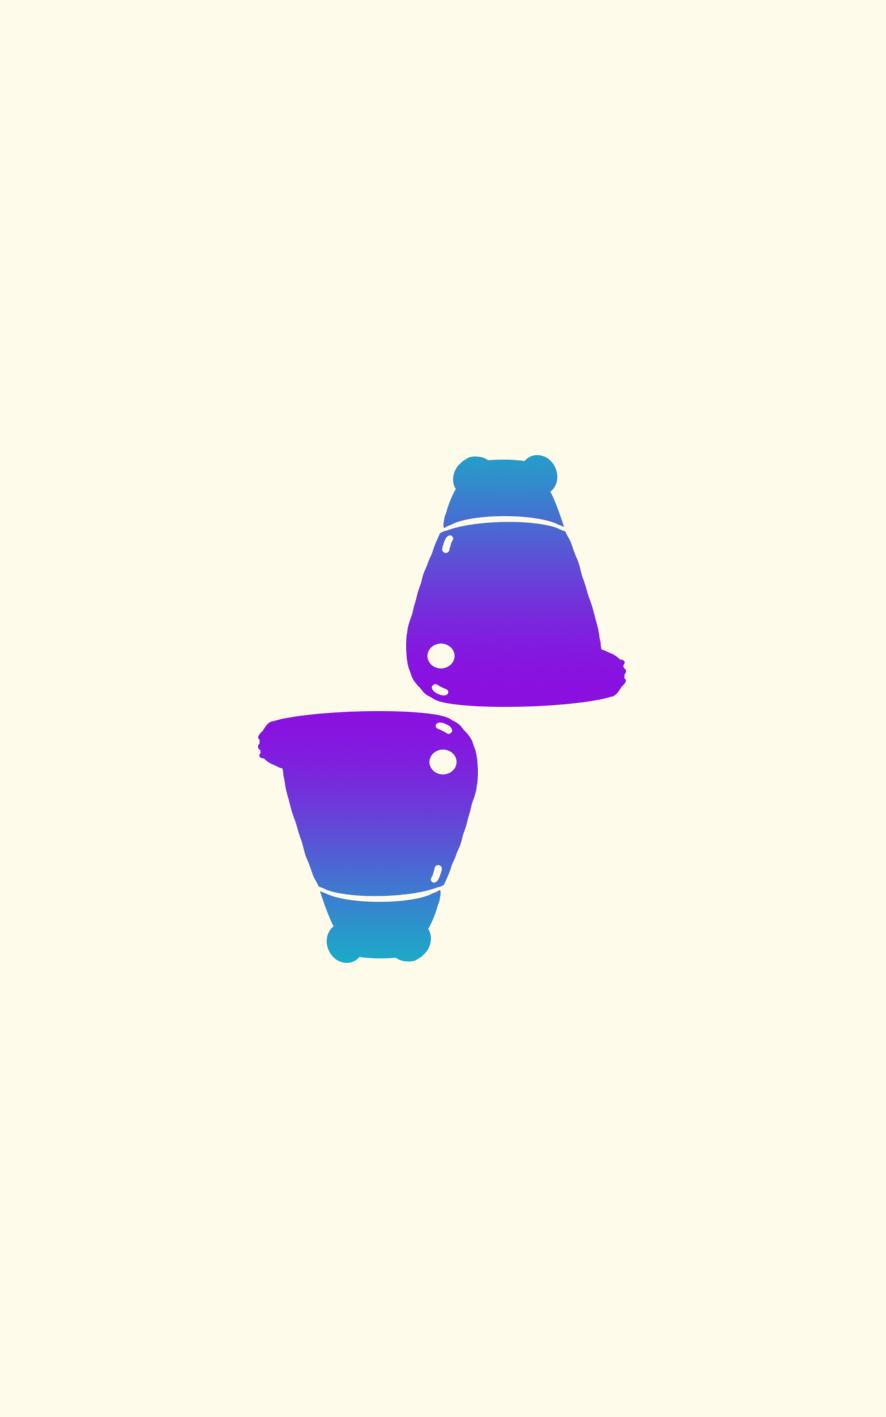 """Rút Bài Oracle: Thông Điệp """"Thẳng Băng"""" Từ Gấu"""